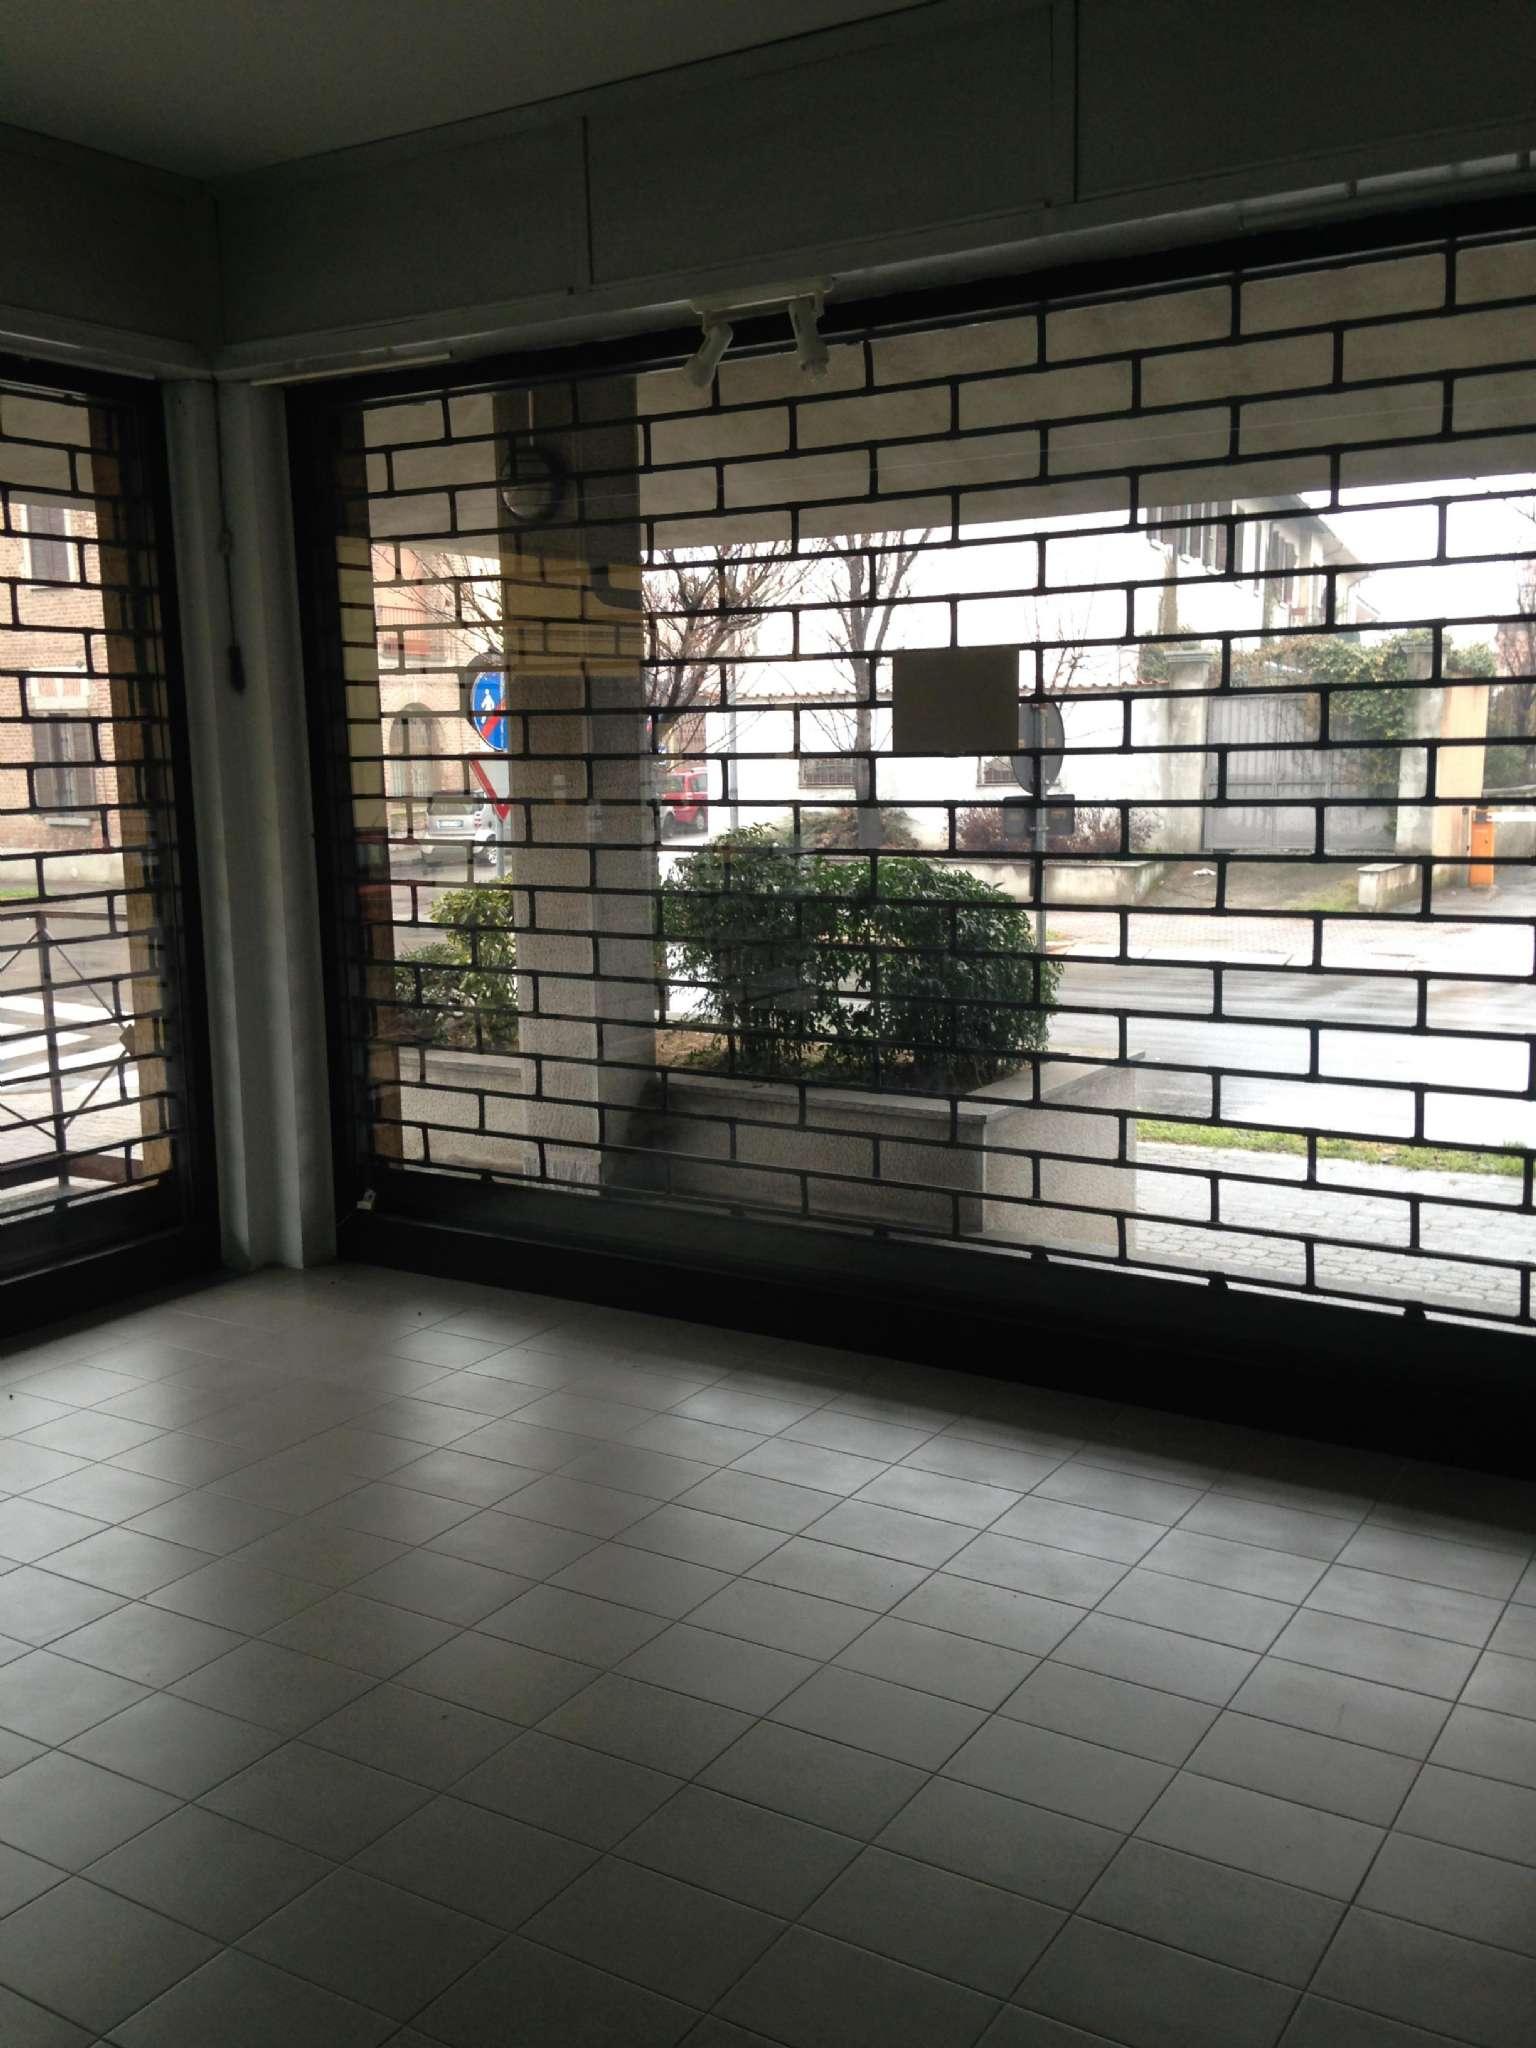 Negozio / Locale in affitto a Vittuone, 4 locali, prezzo € 1.100 | Cambio Casa.it